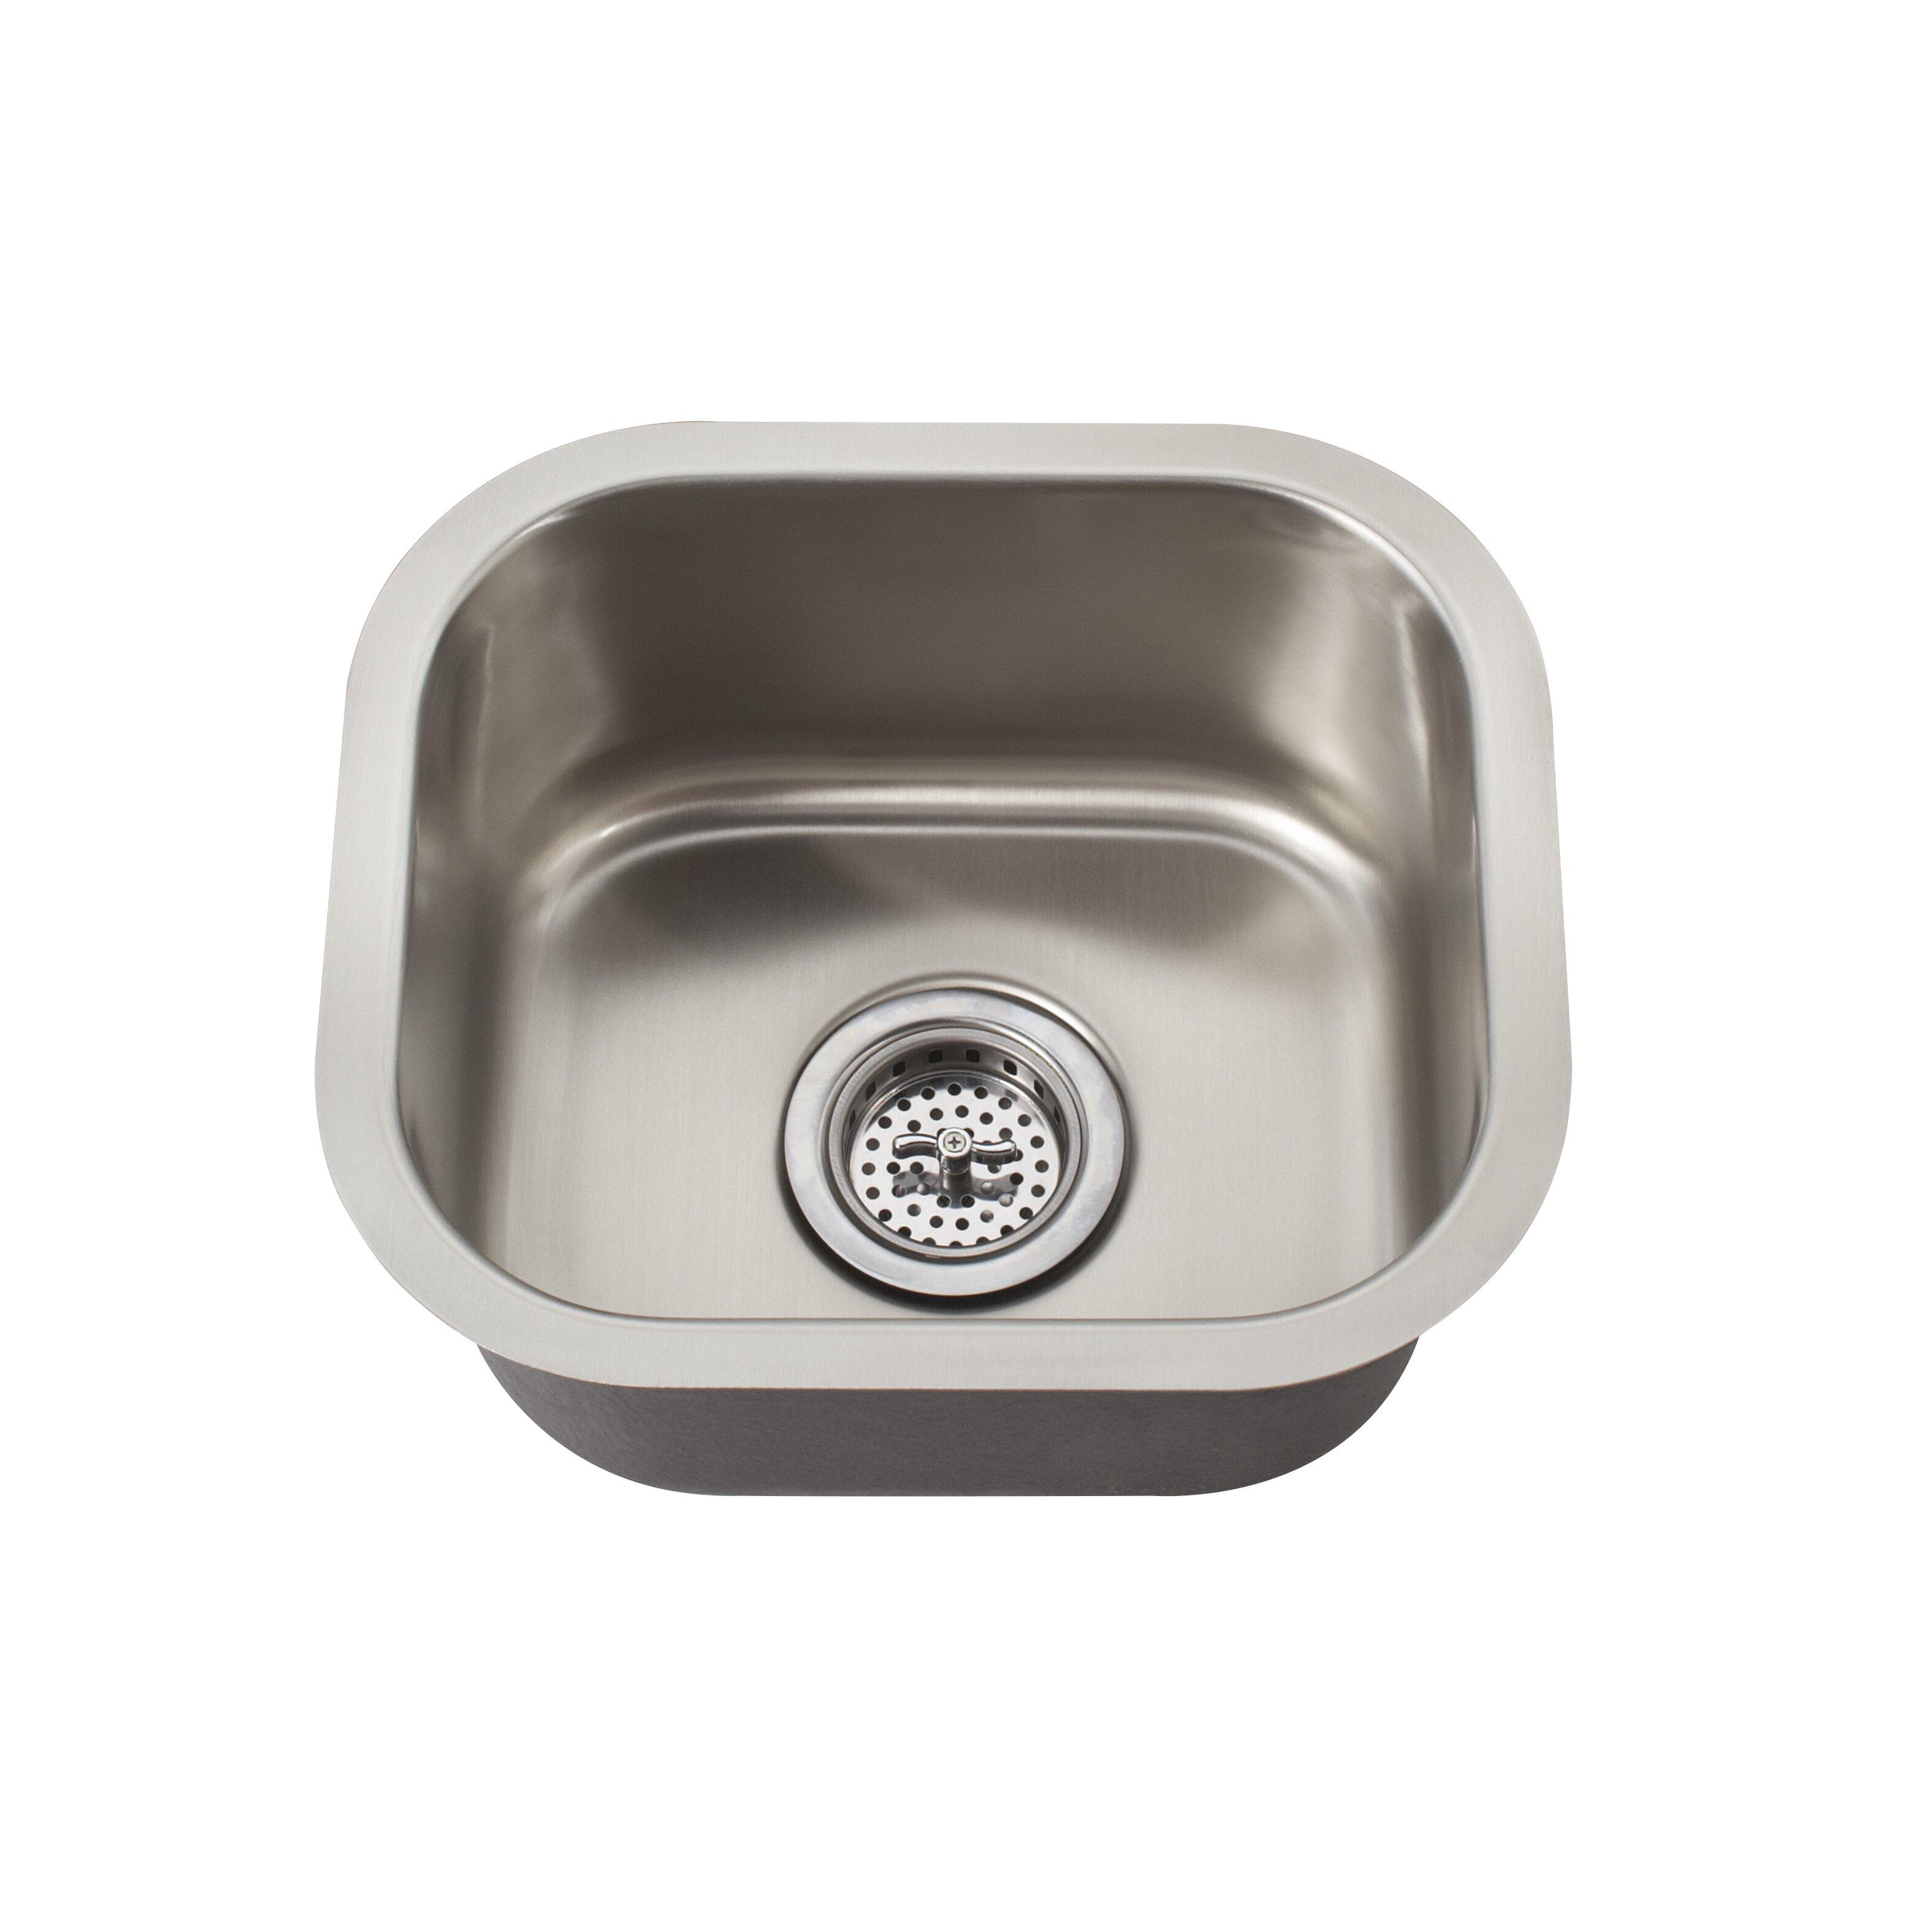 Undermount Sink Reviews